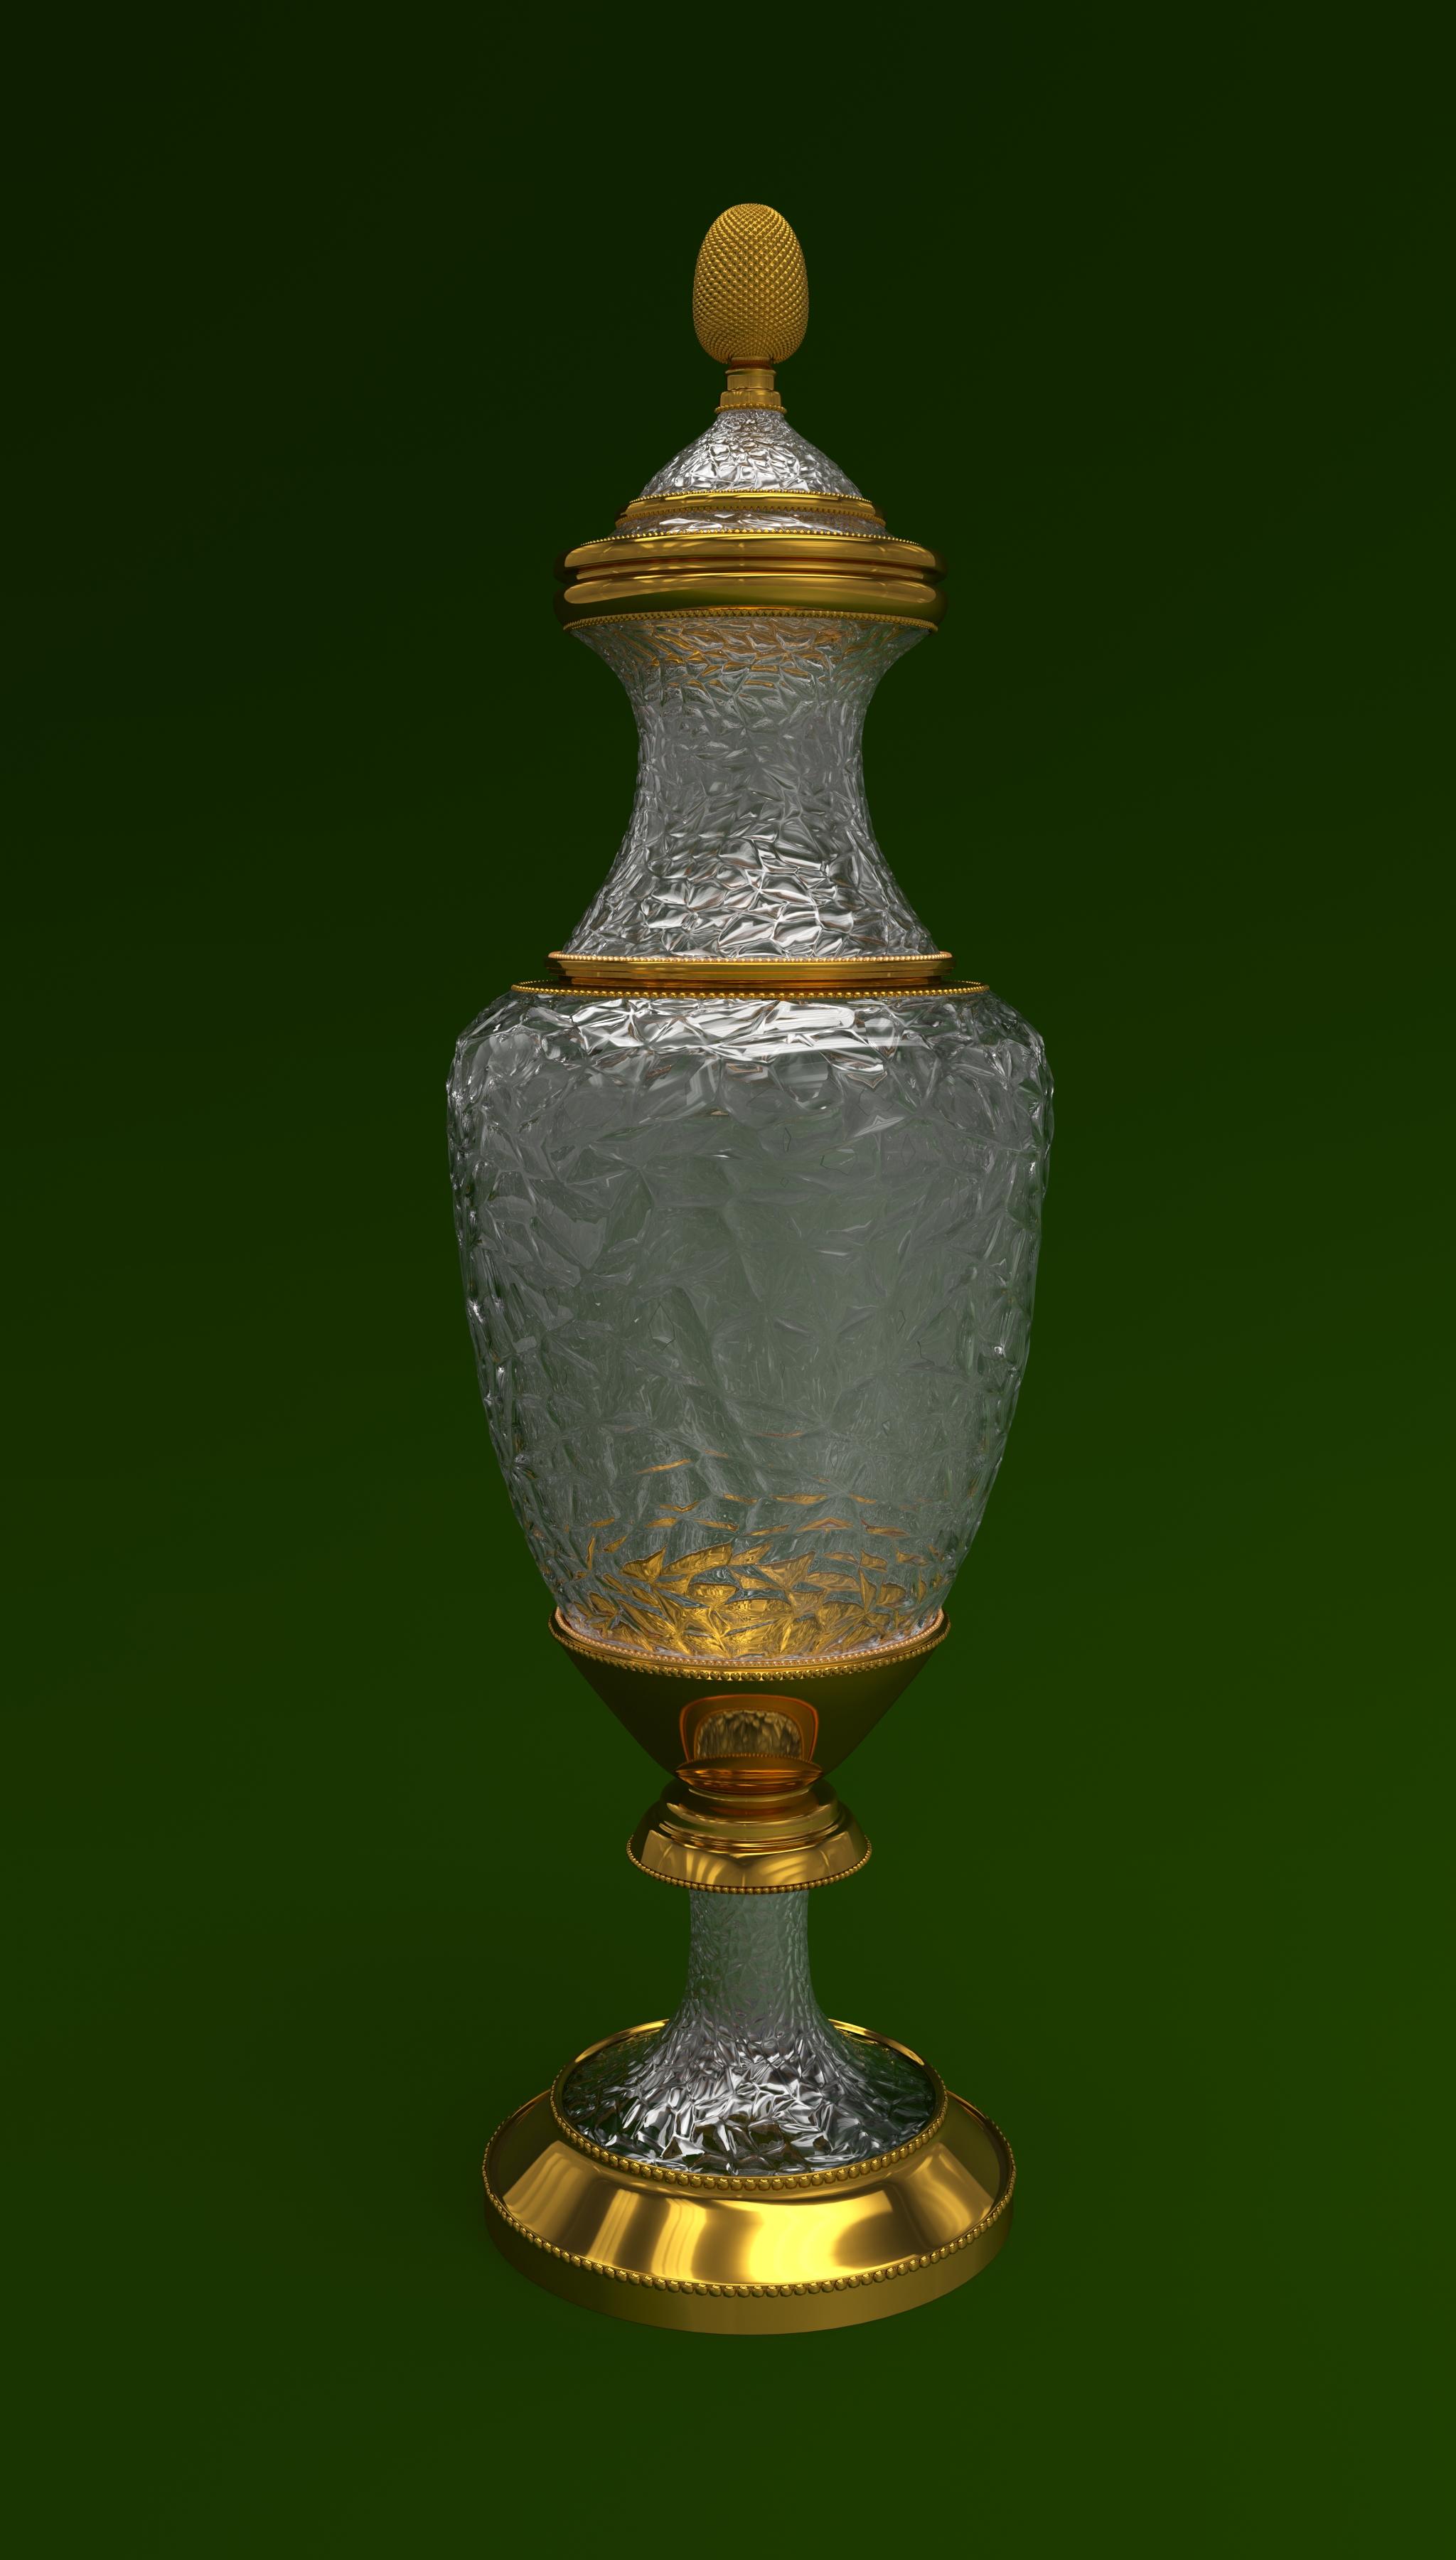 फूलदान 3d max corona render में प्रस्तुत छवि